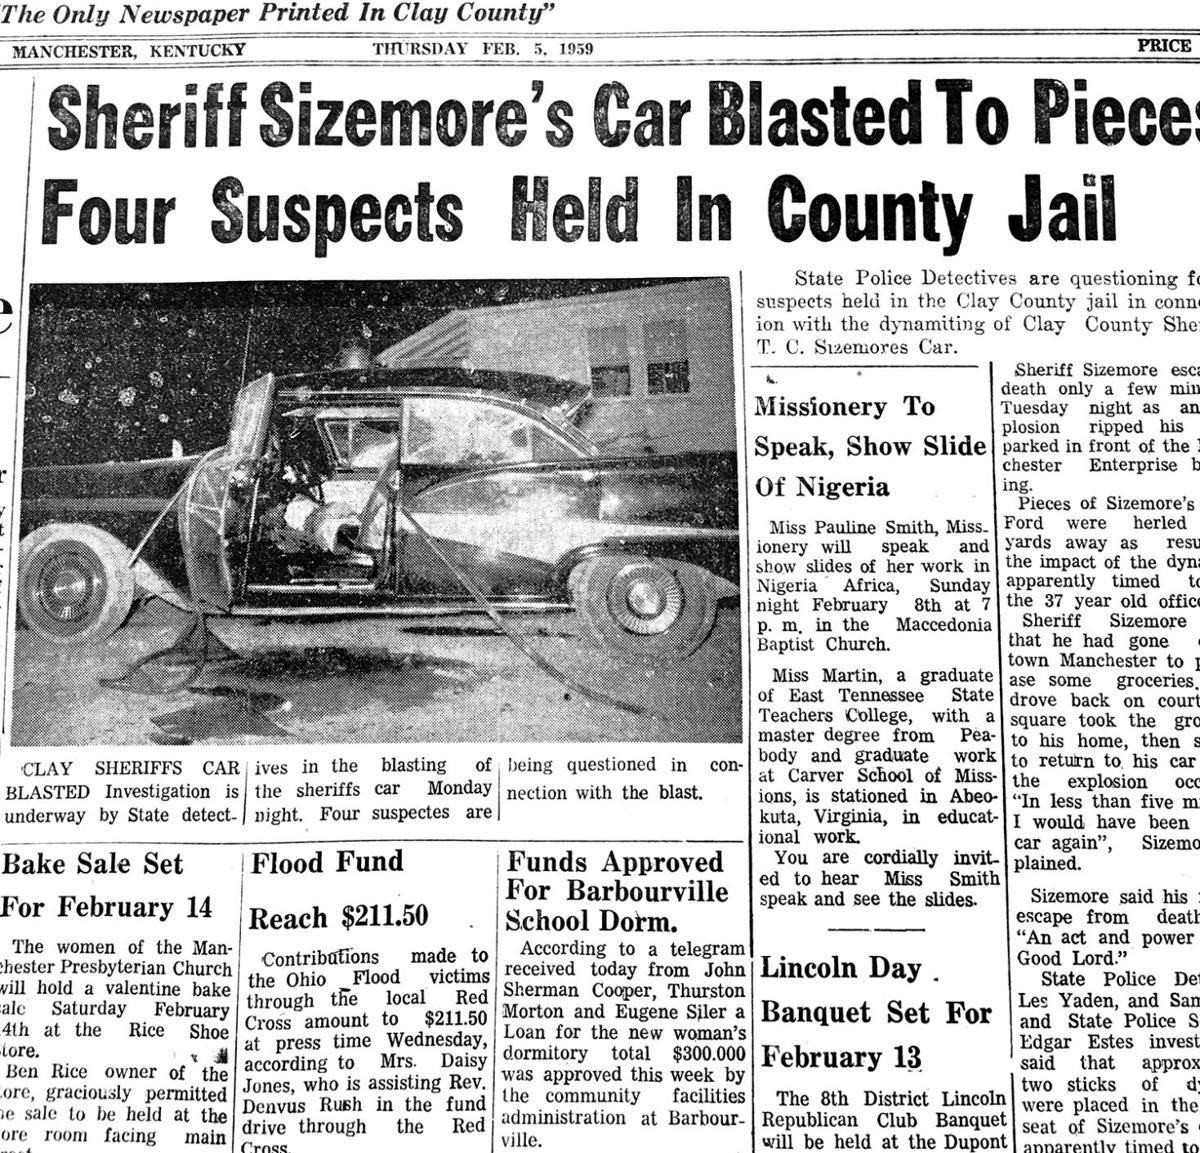 BLASTED! Bootleggers blast sheriff's car | Manchester